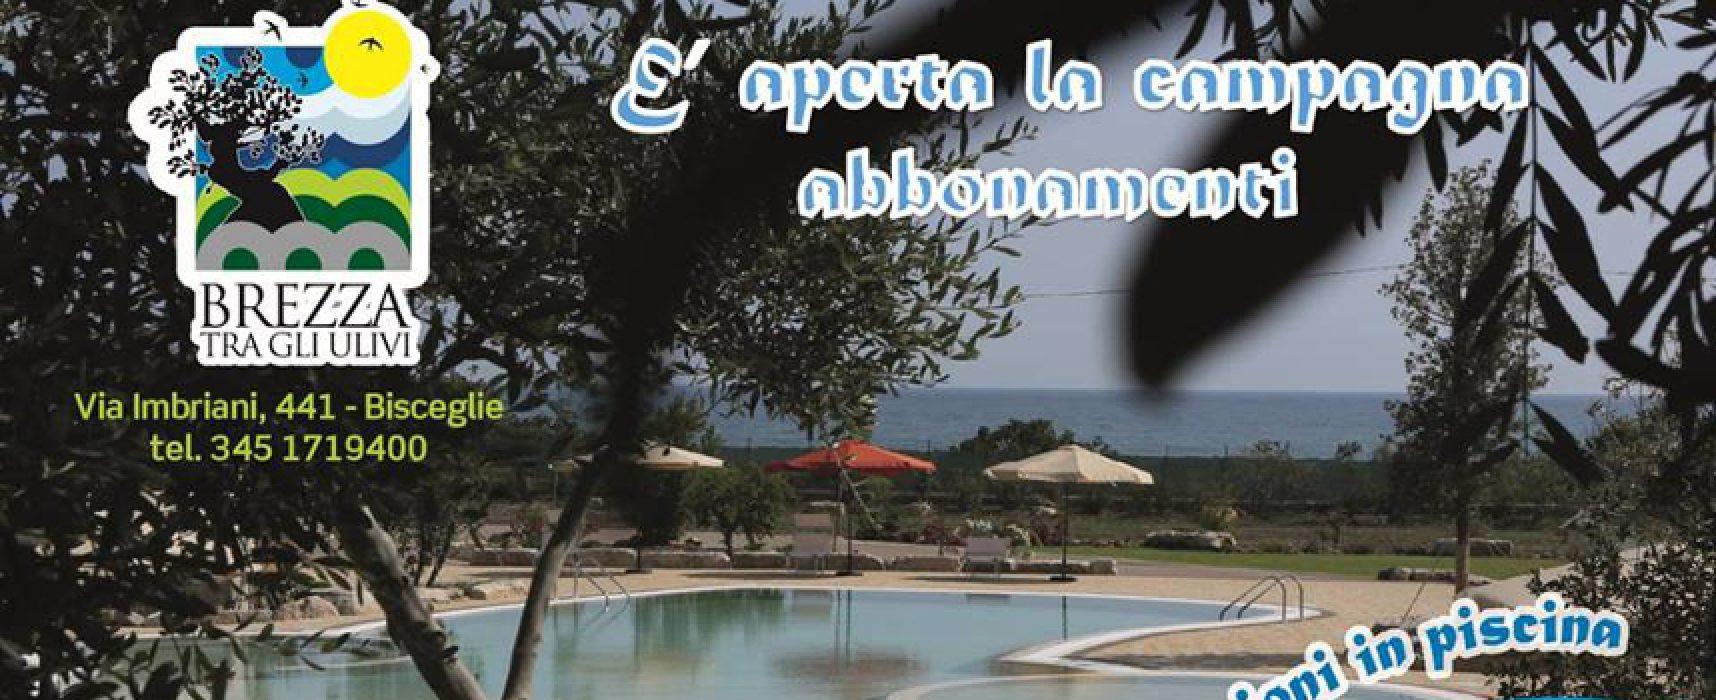 """Un'estate tra piscina, mare, tipicità culinarie e campus per bambini a """"Brezza tra gli ulivi"""""""